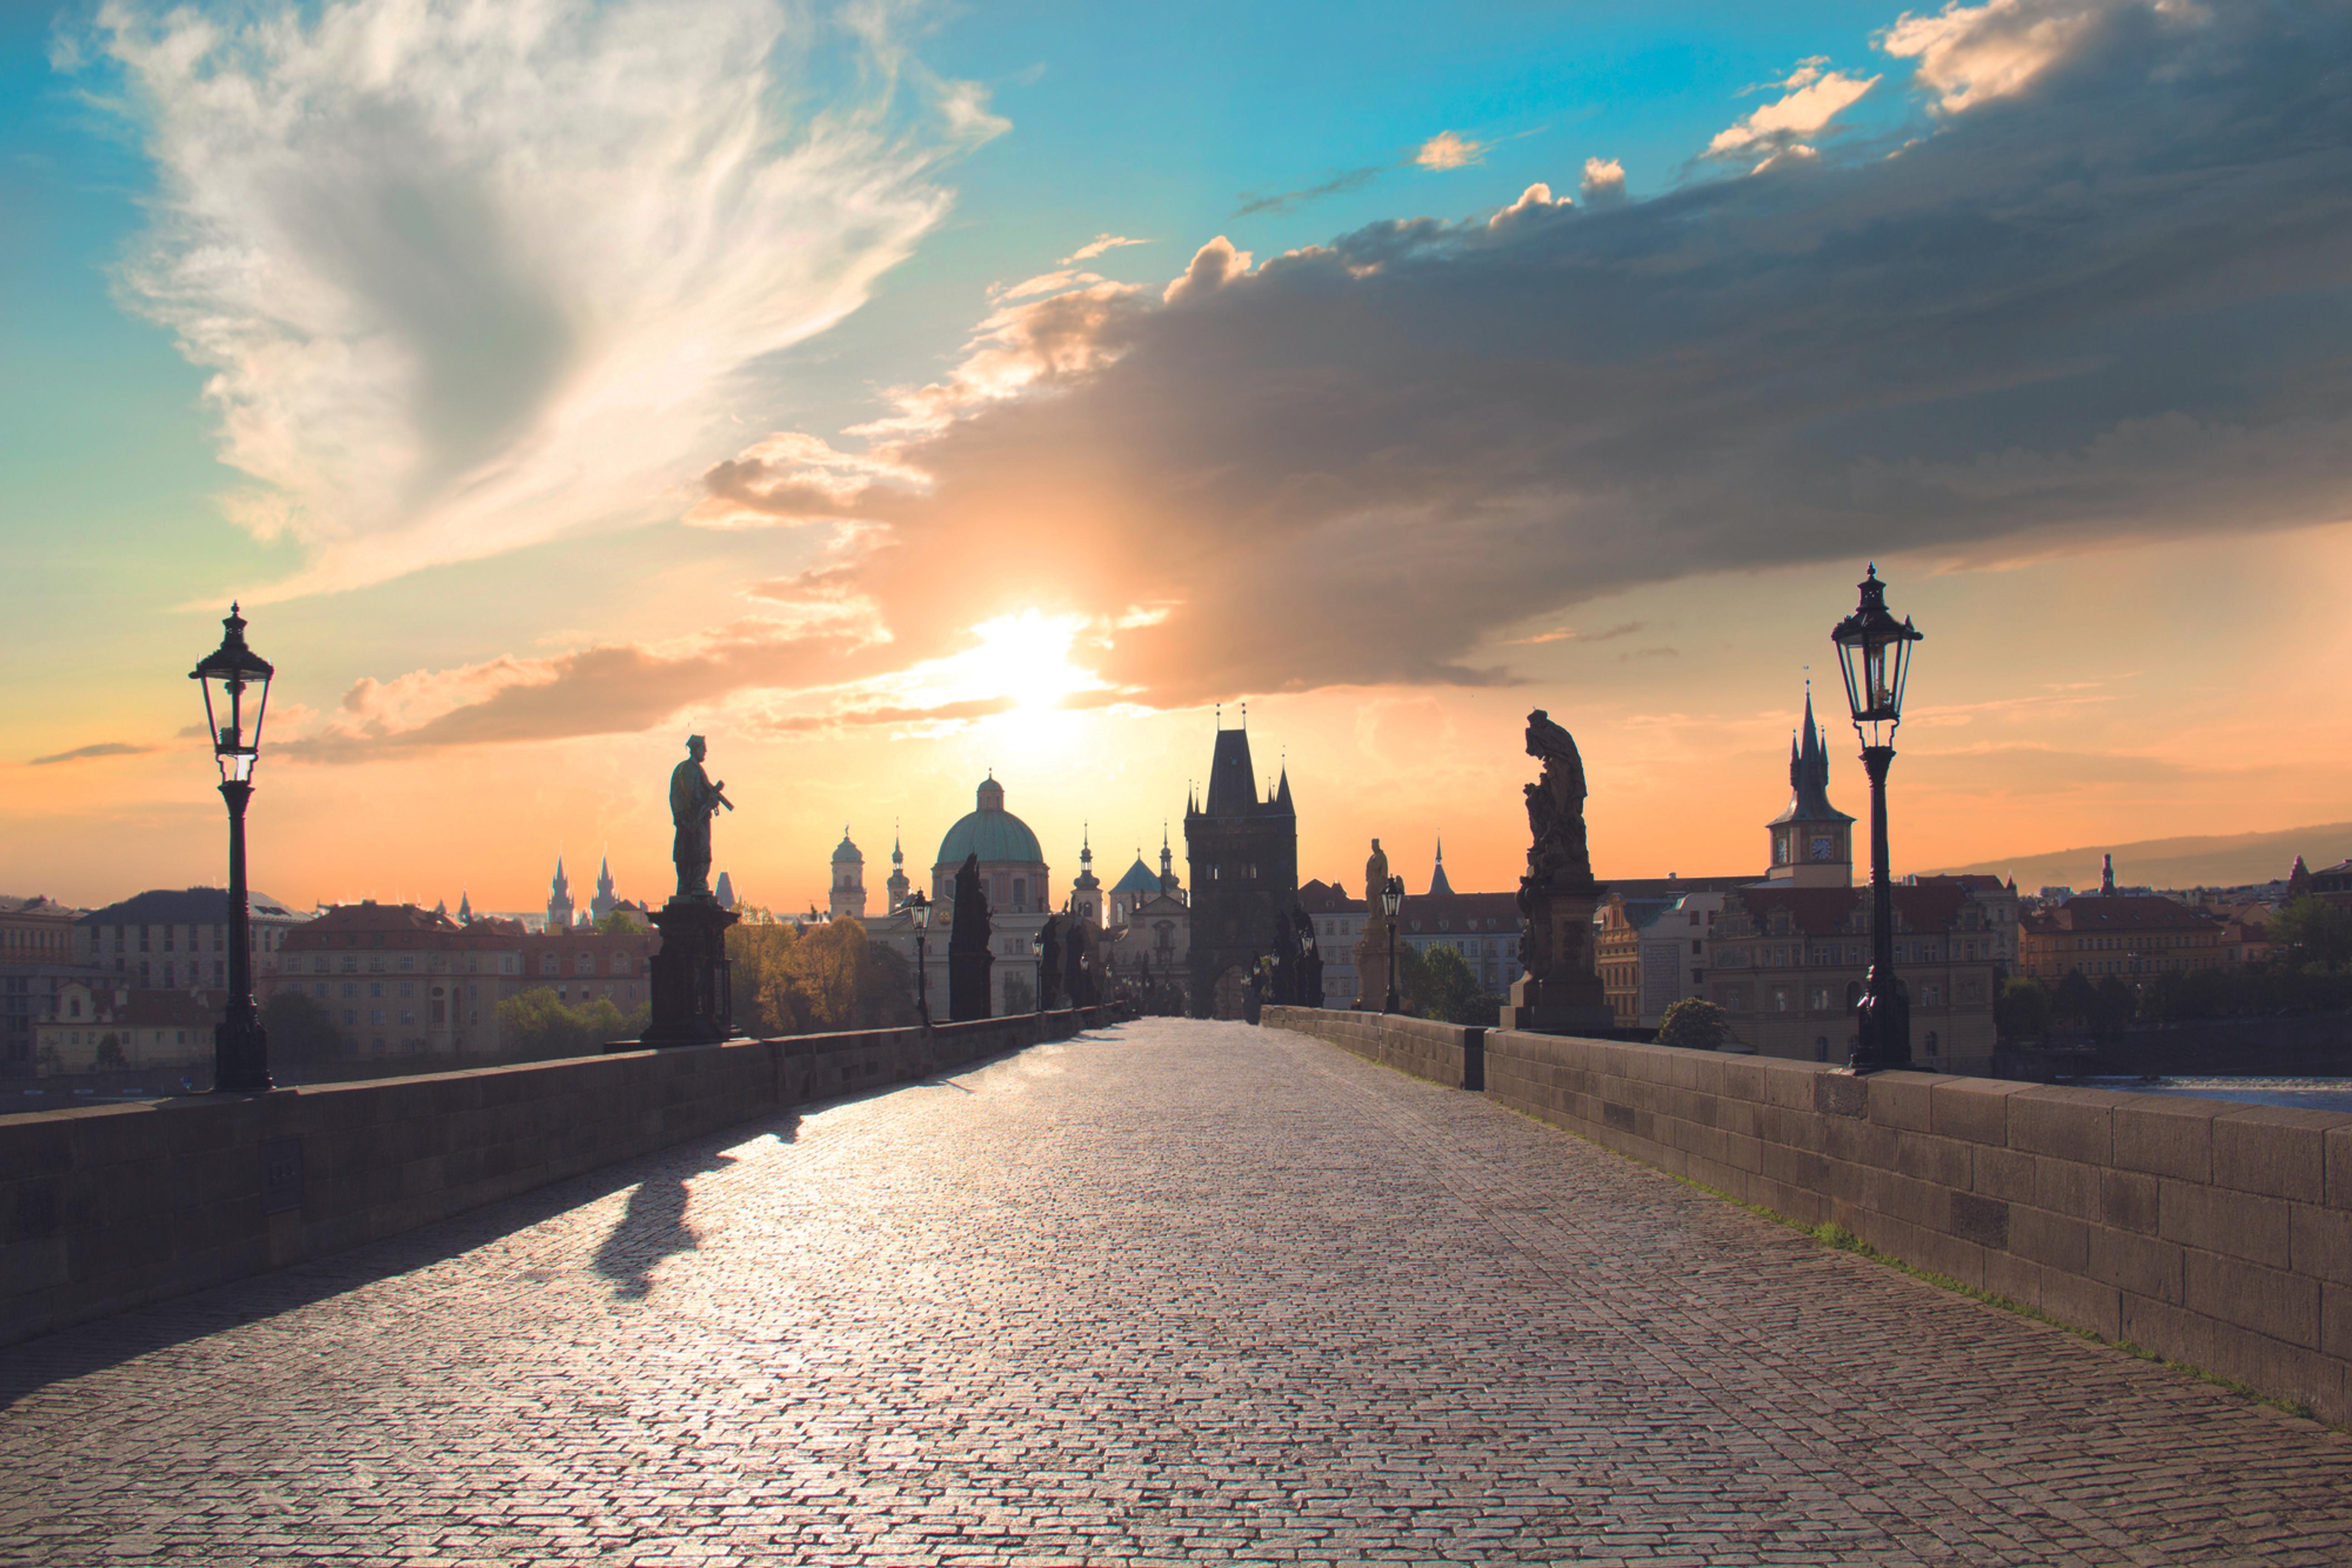 THE GRAND TOUR OF PRAGUE